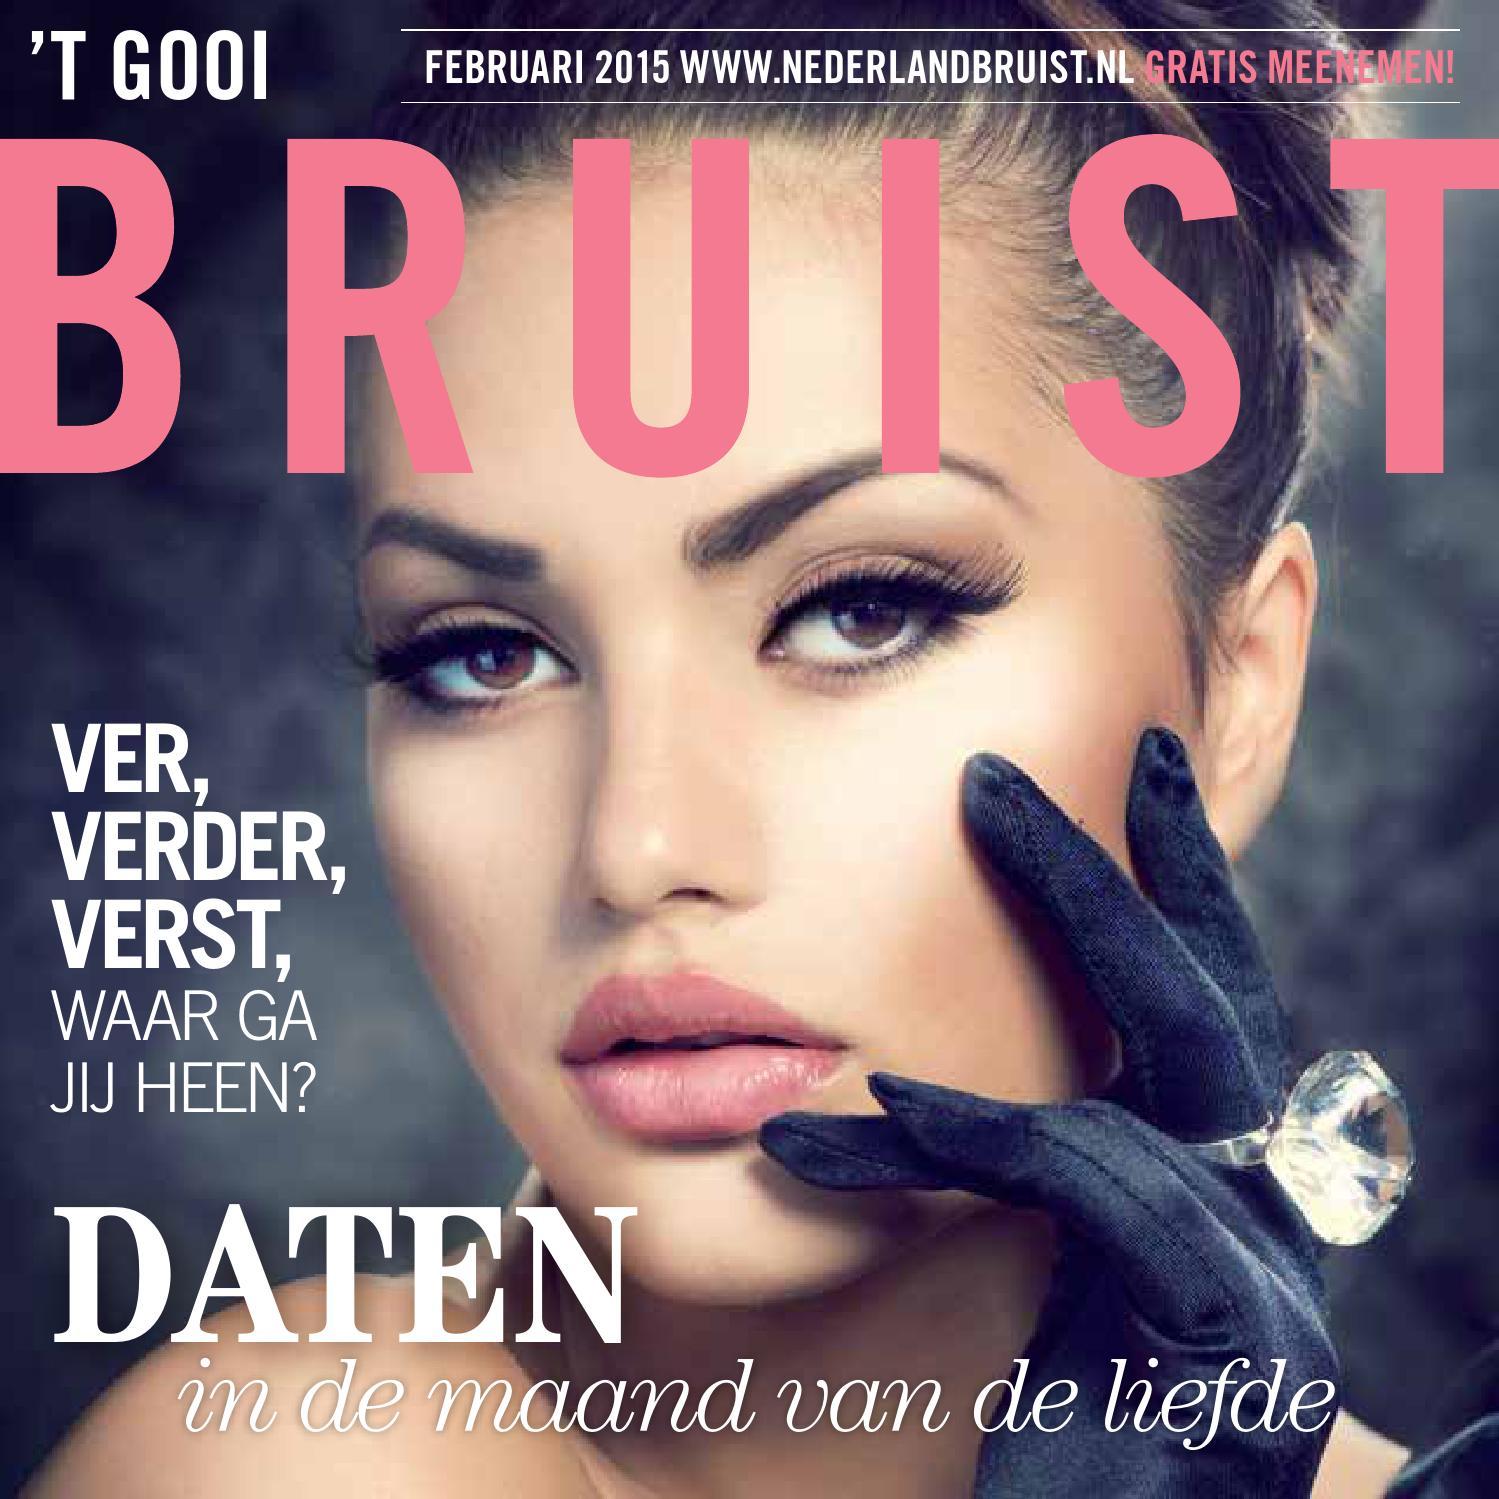 2015 02 tgooi by Nederland Bruist - issuu